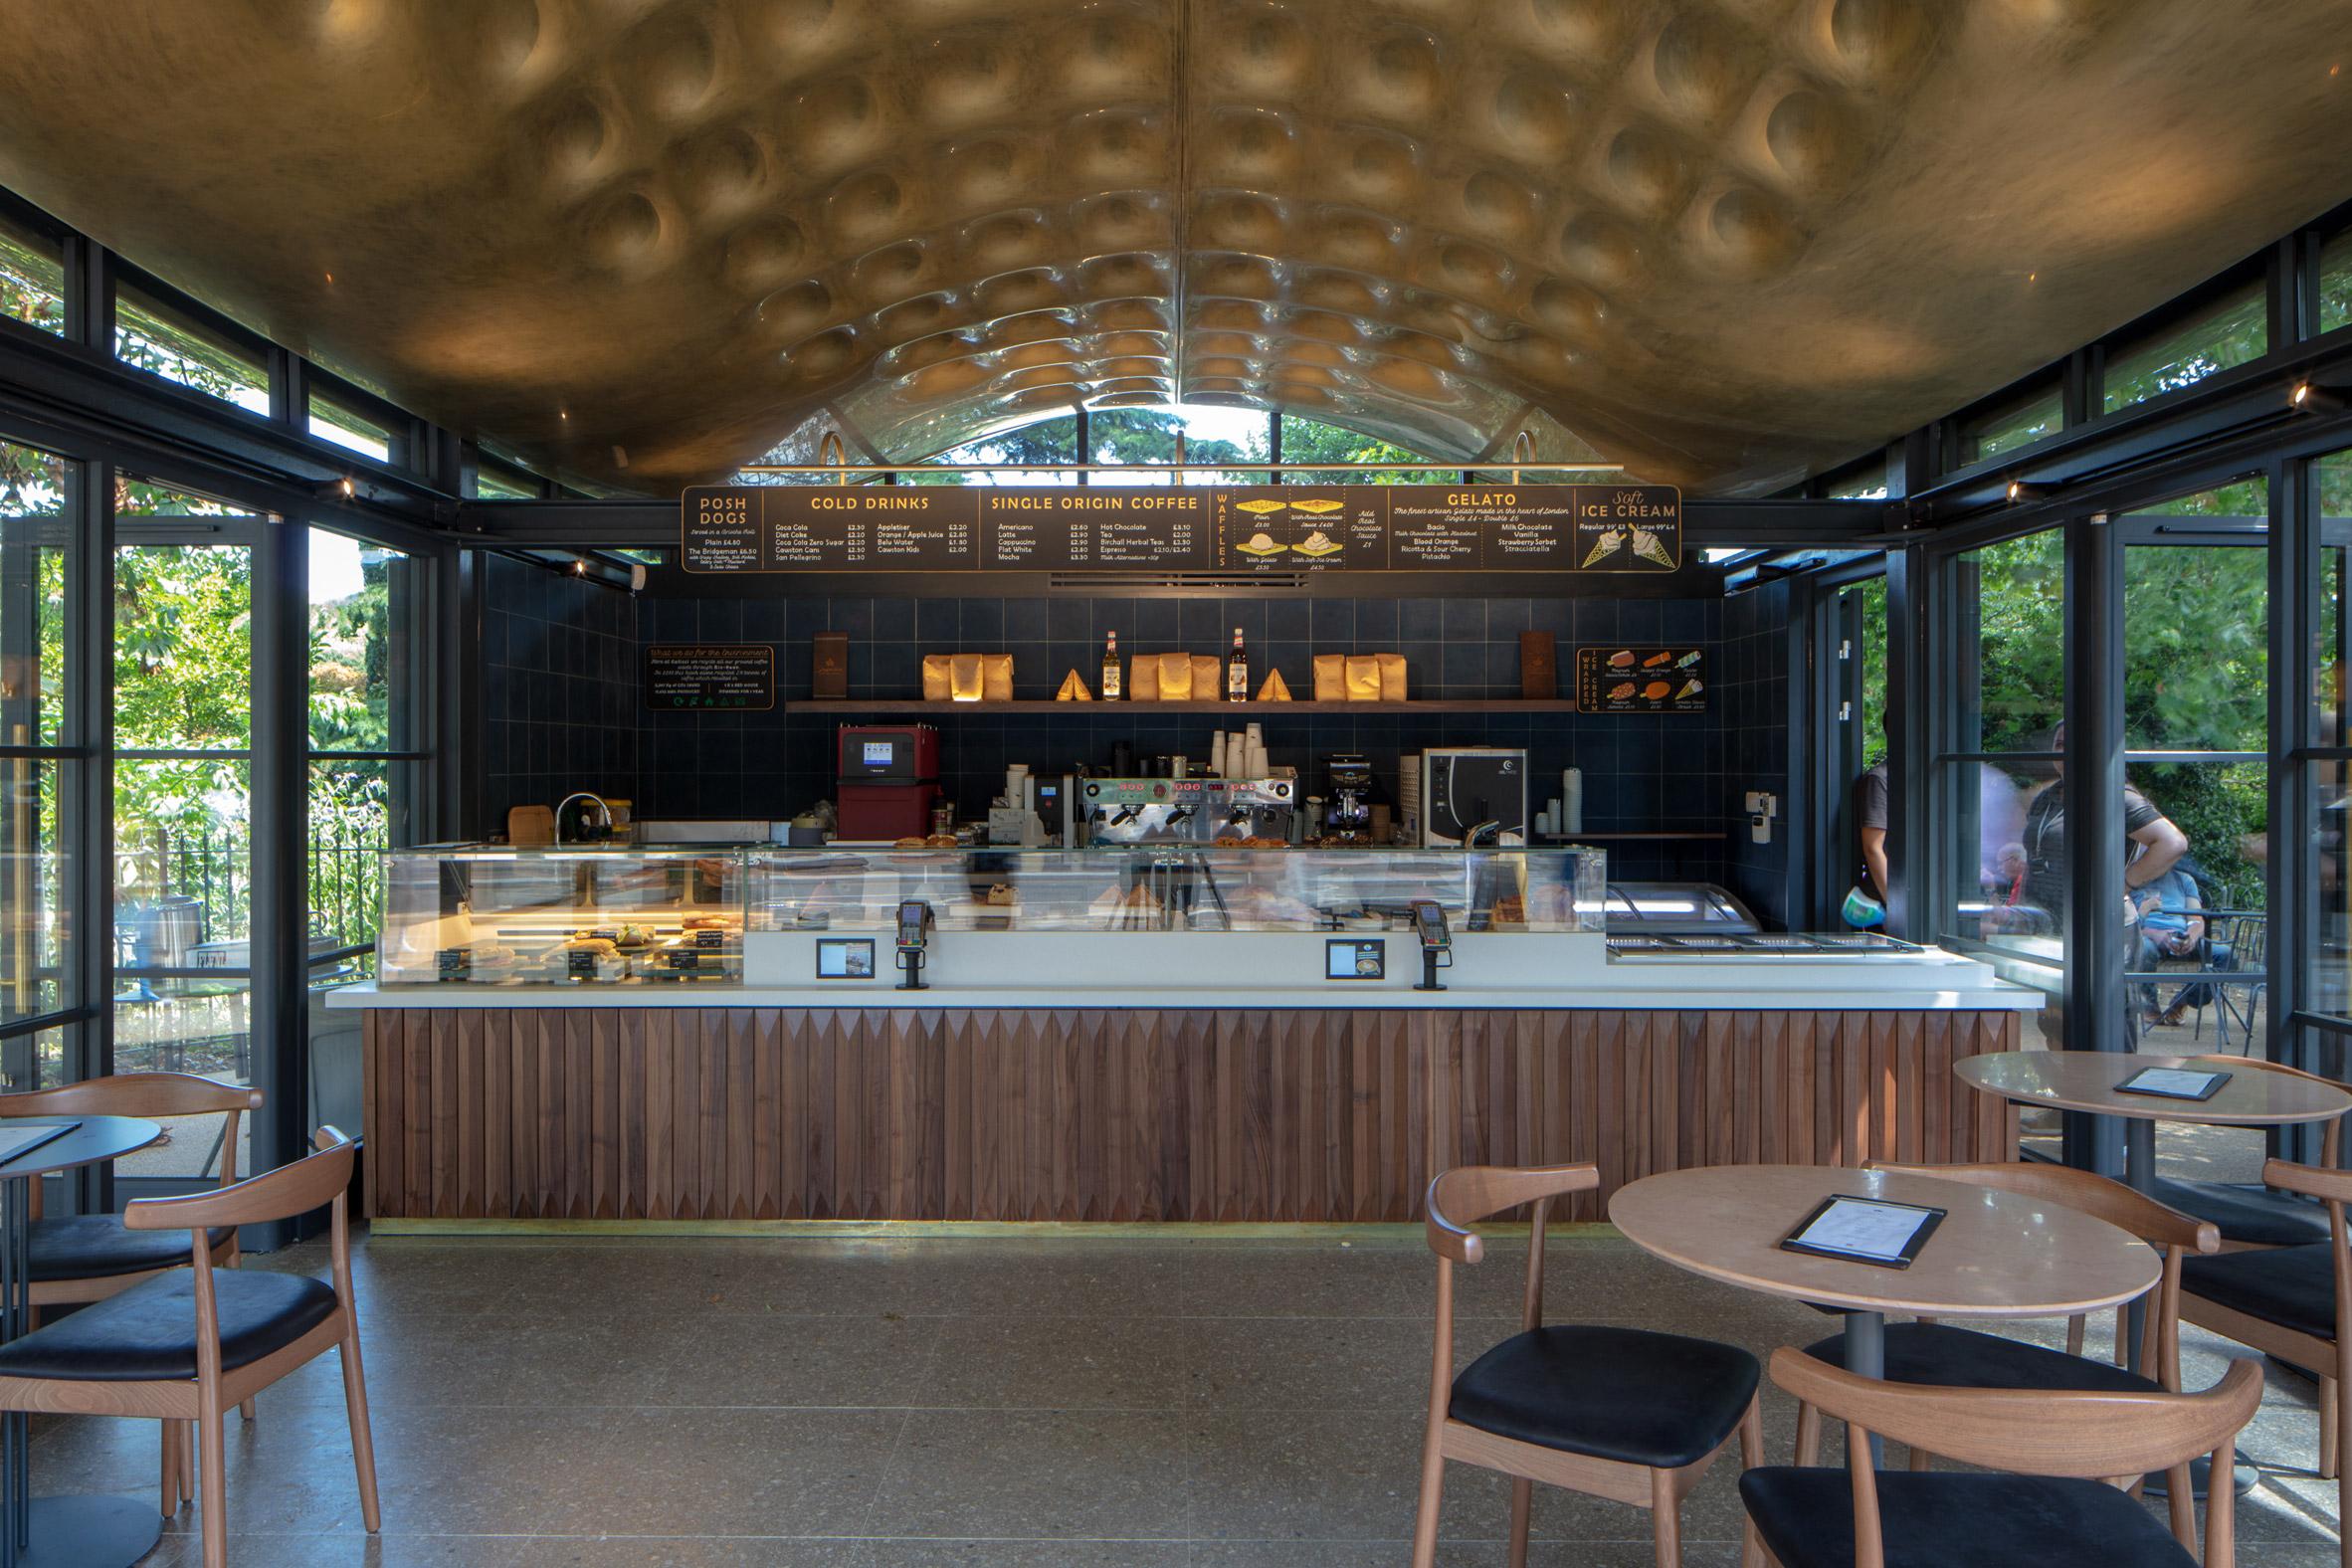 Thiết kế quán cafecóc 5